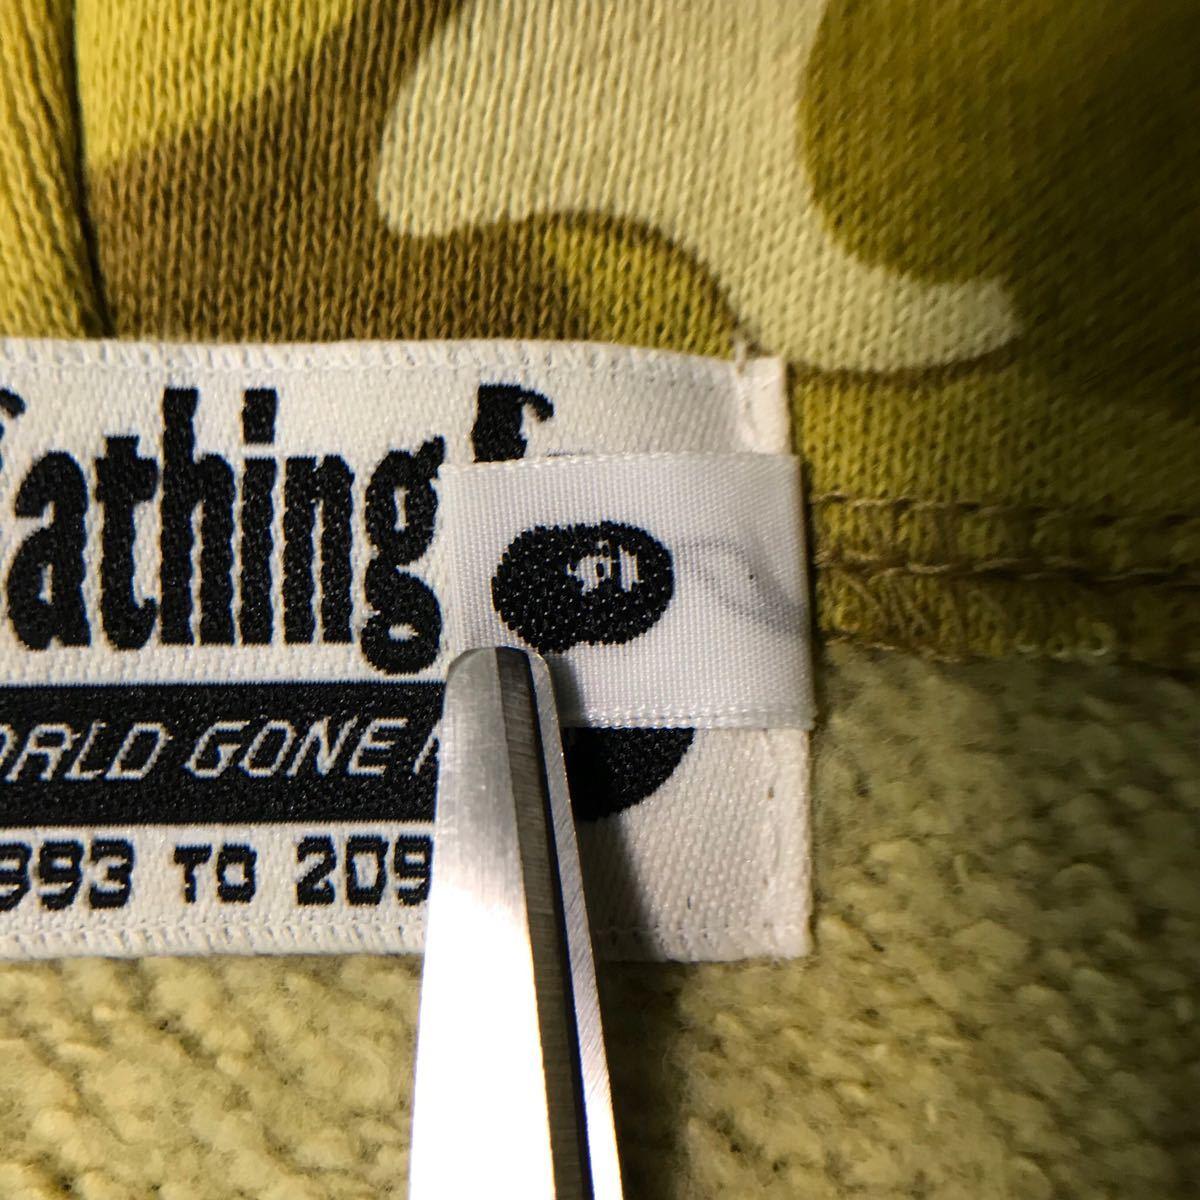 ★非売品★ ゴールド カラーカモ パーカー XL a bathing ape bape hoodie gold card limited color camo エイプ ベイプ アベイシングエイプ